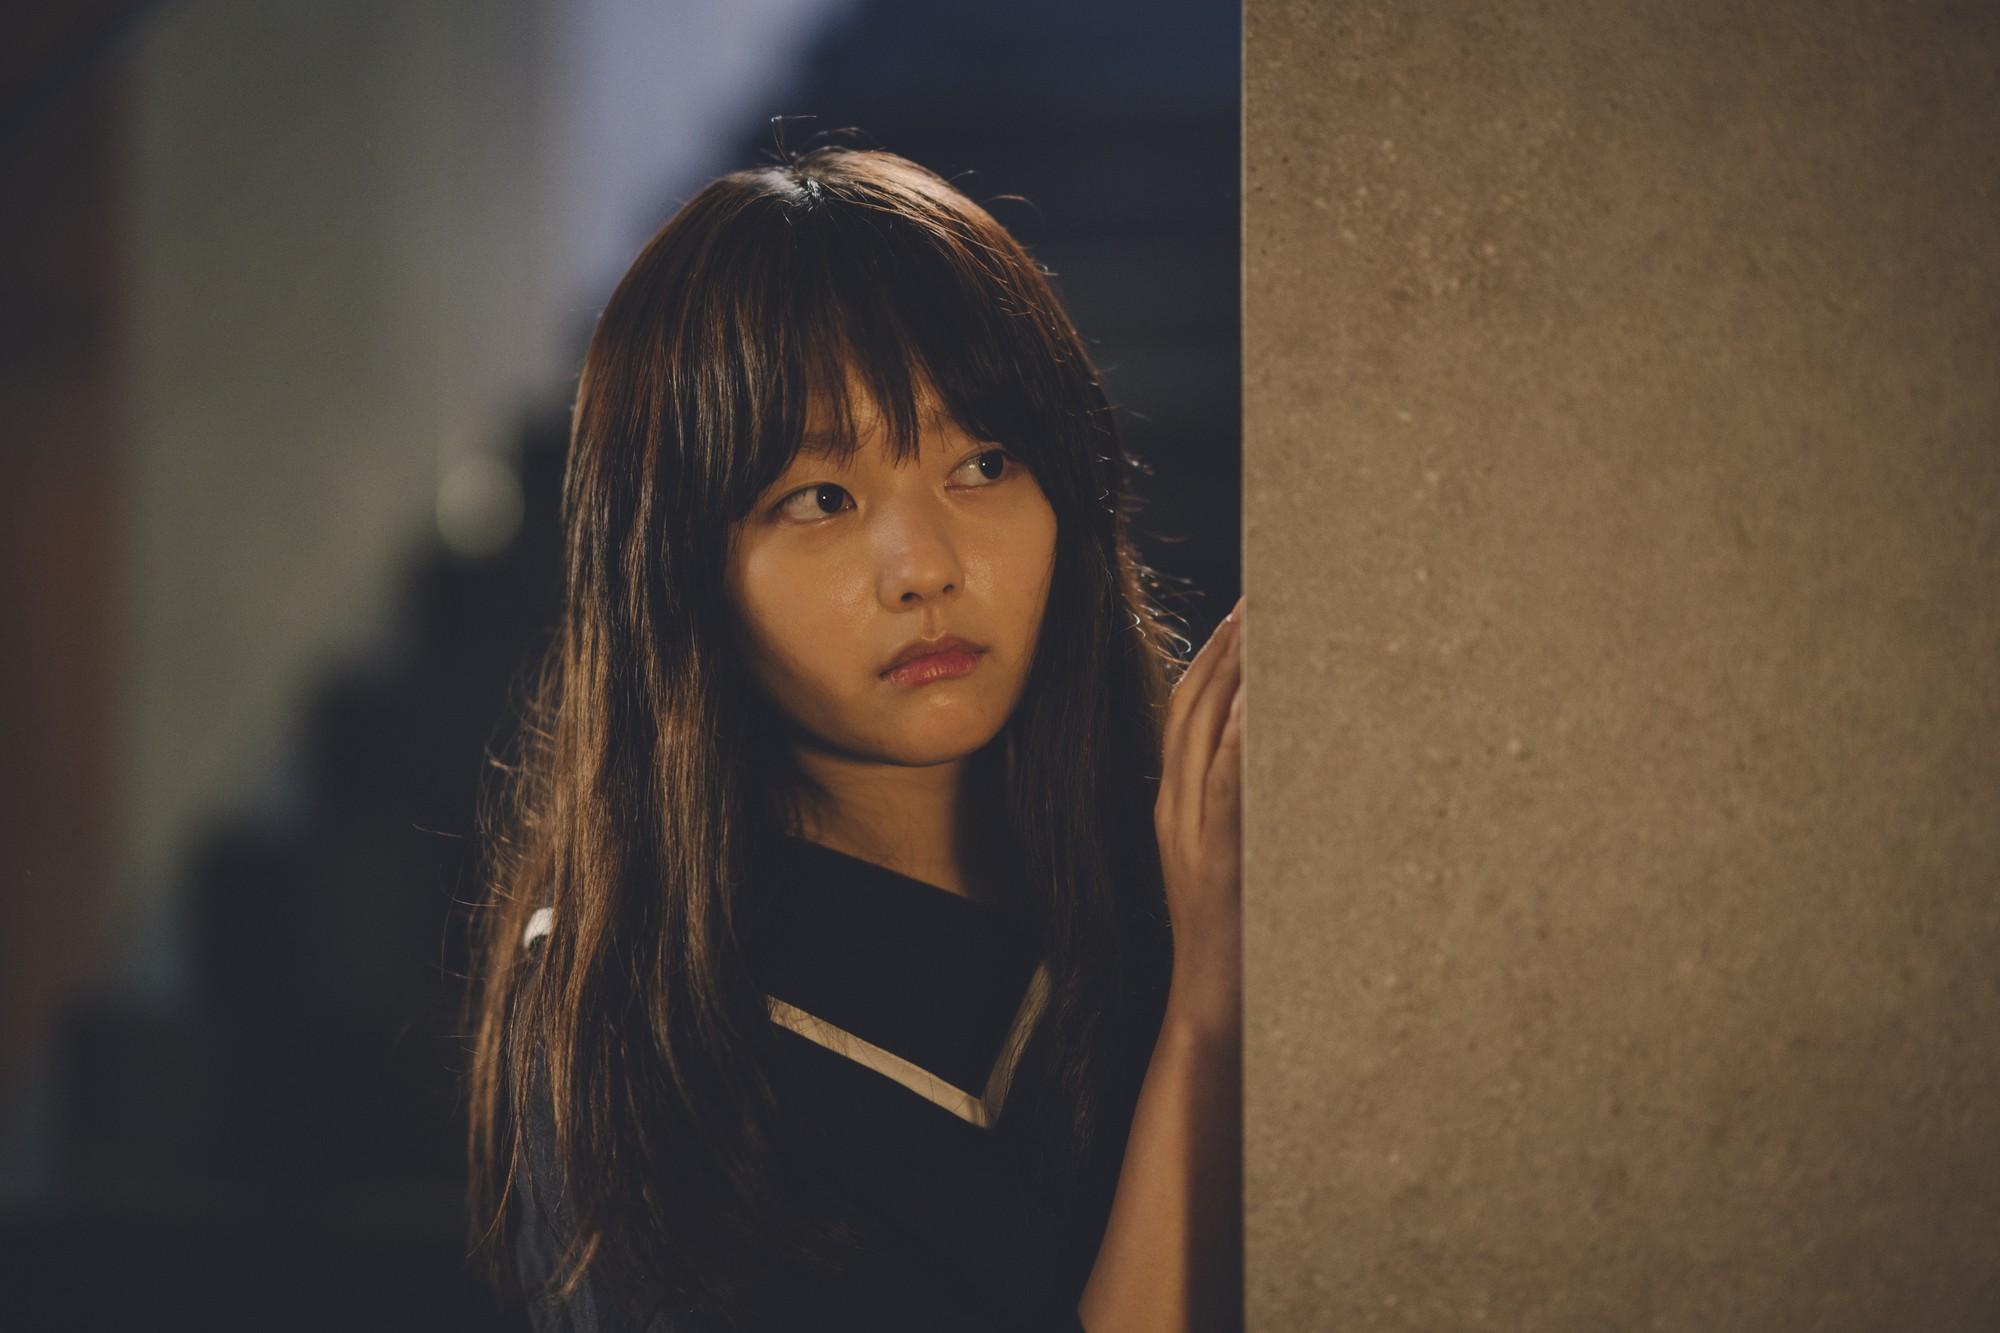 Mê điện ảnh Hàn, ghét hài nhảm, thích combo phim nghệ thuật khuyến mãi thêm trào phúng thì xem ngay Parasite! - Ảnh 5.